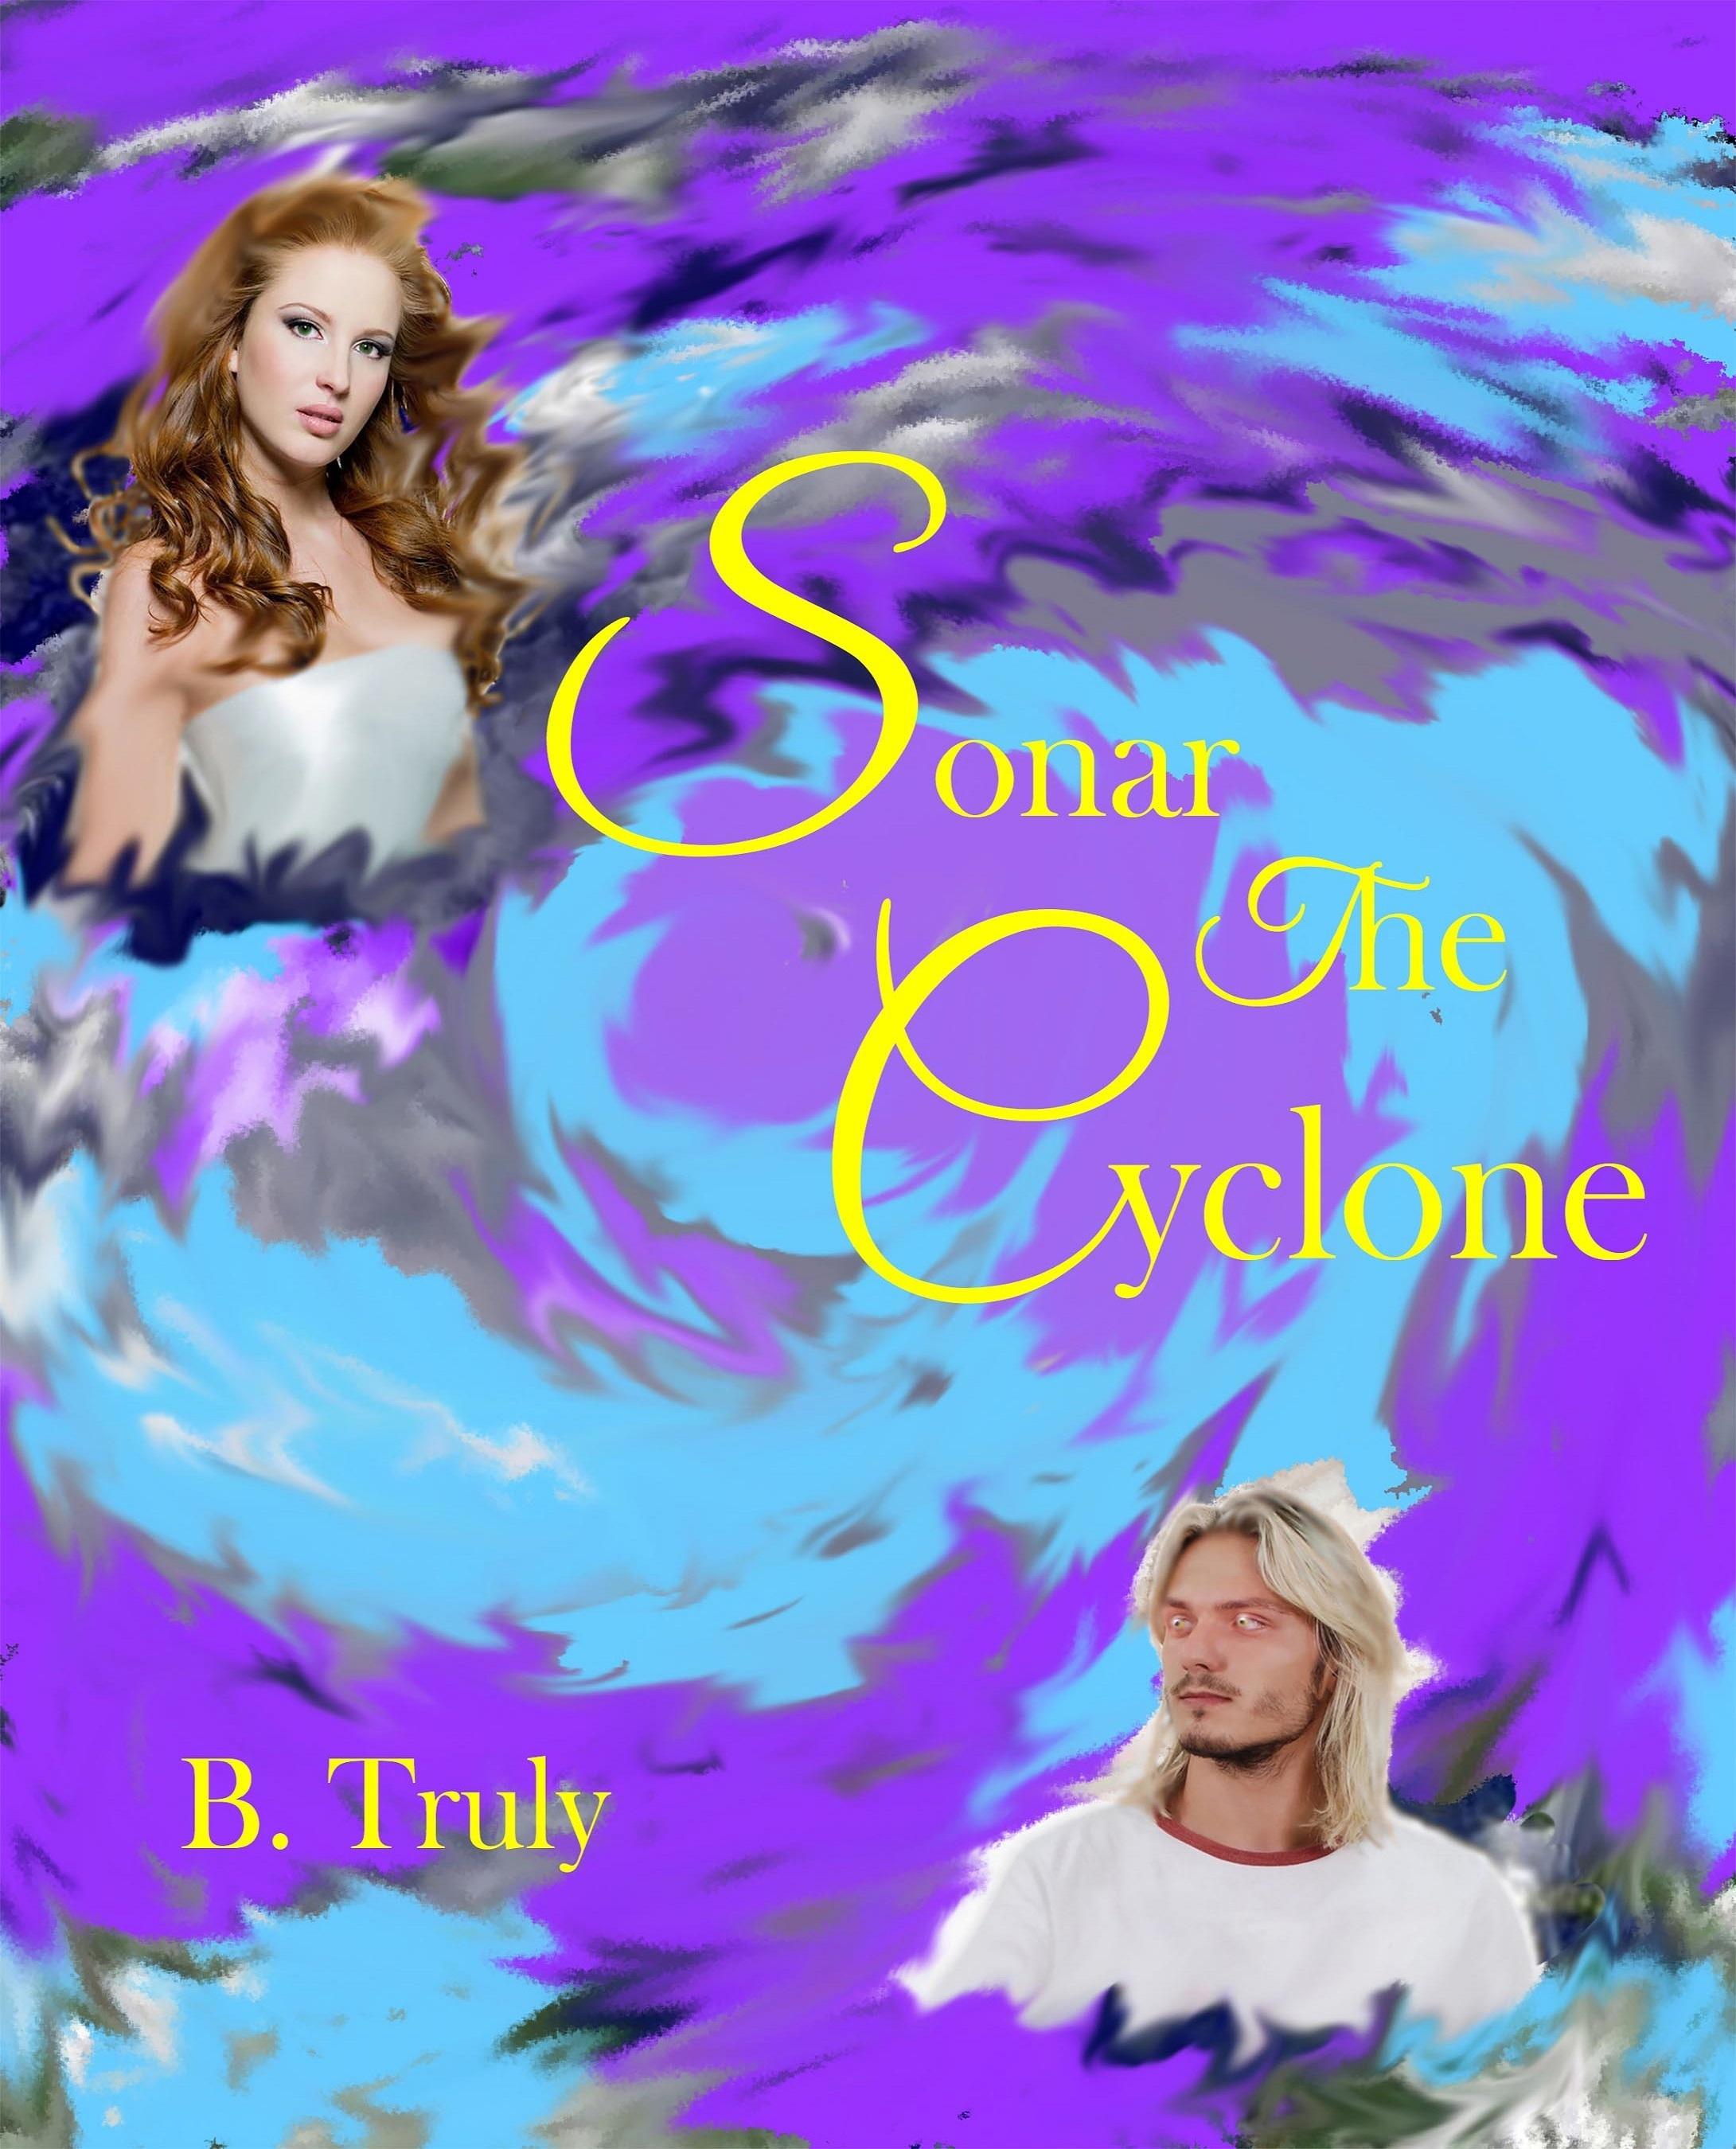 Sonar The Cyclone B. Truly